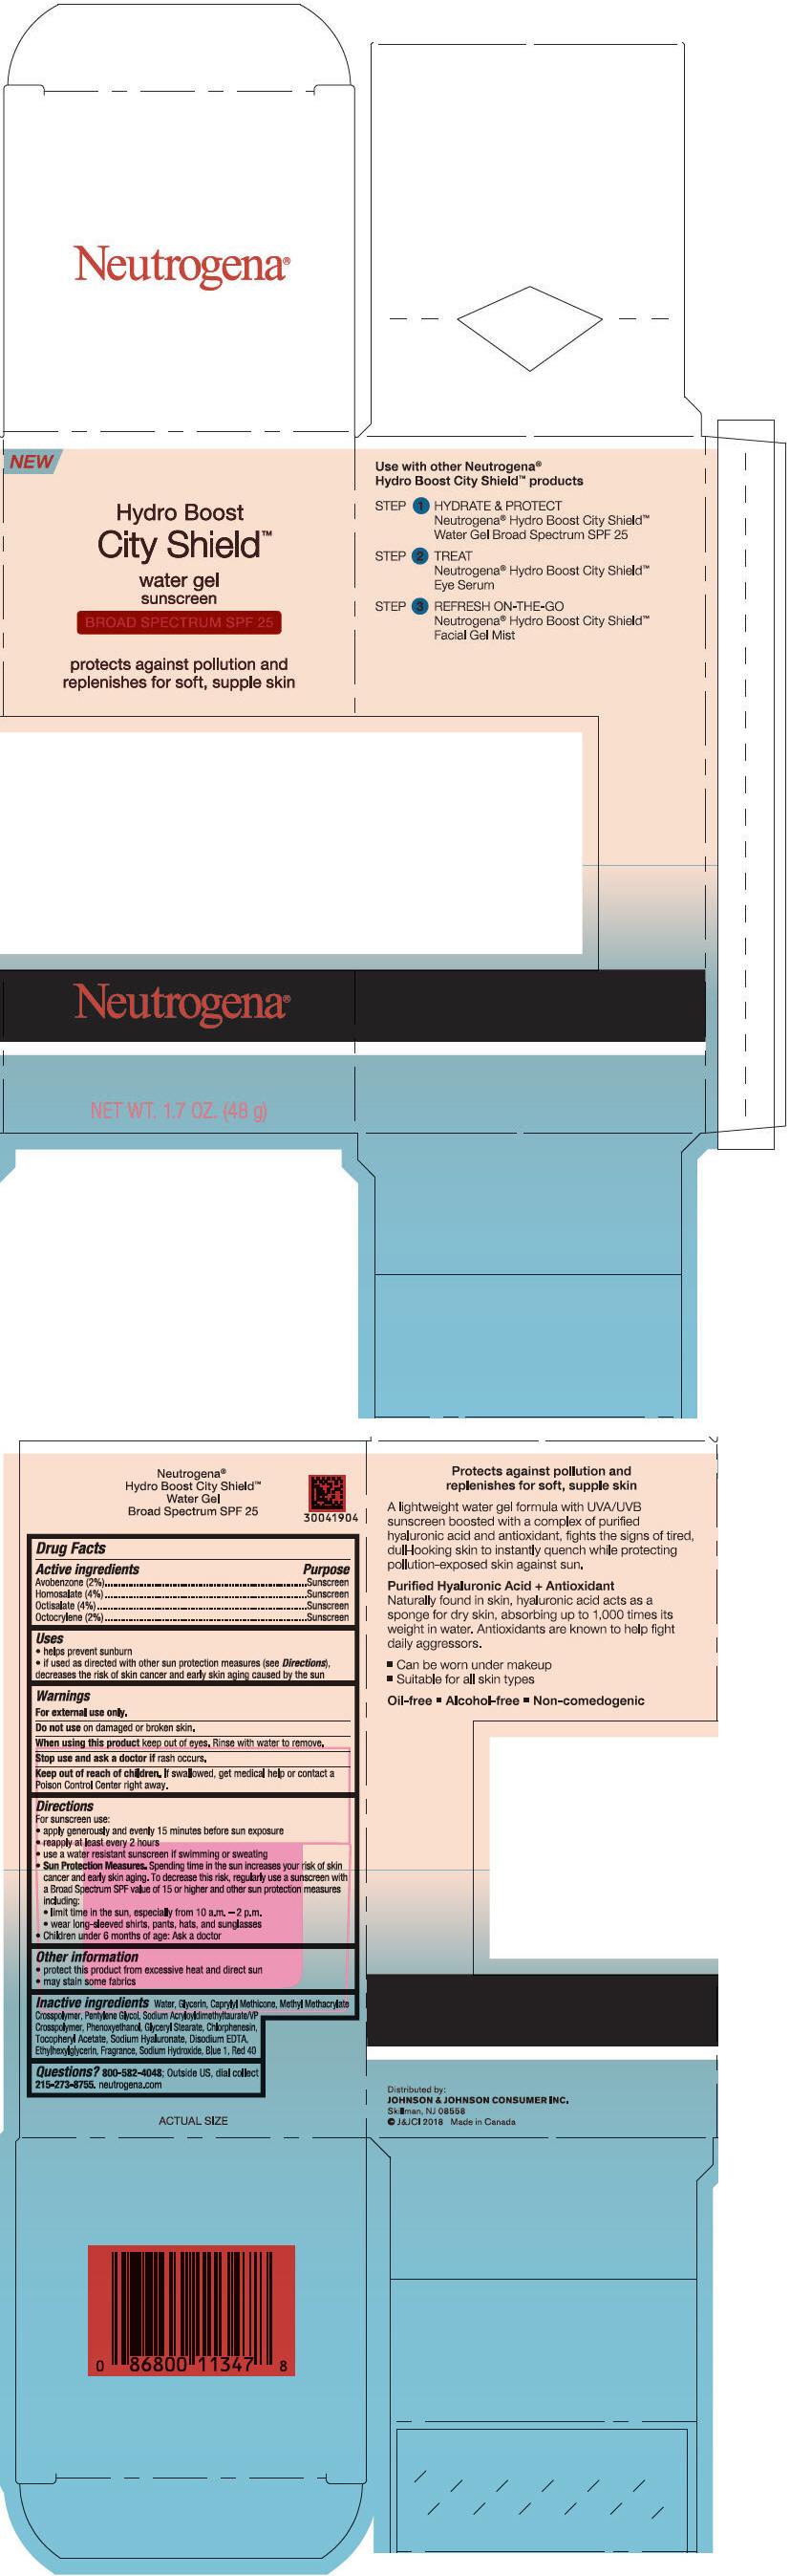 Principal Display Panel - 48 g Jar Carton